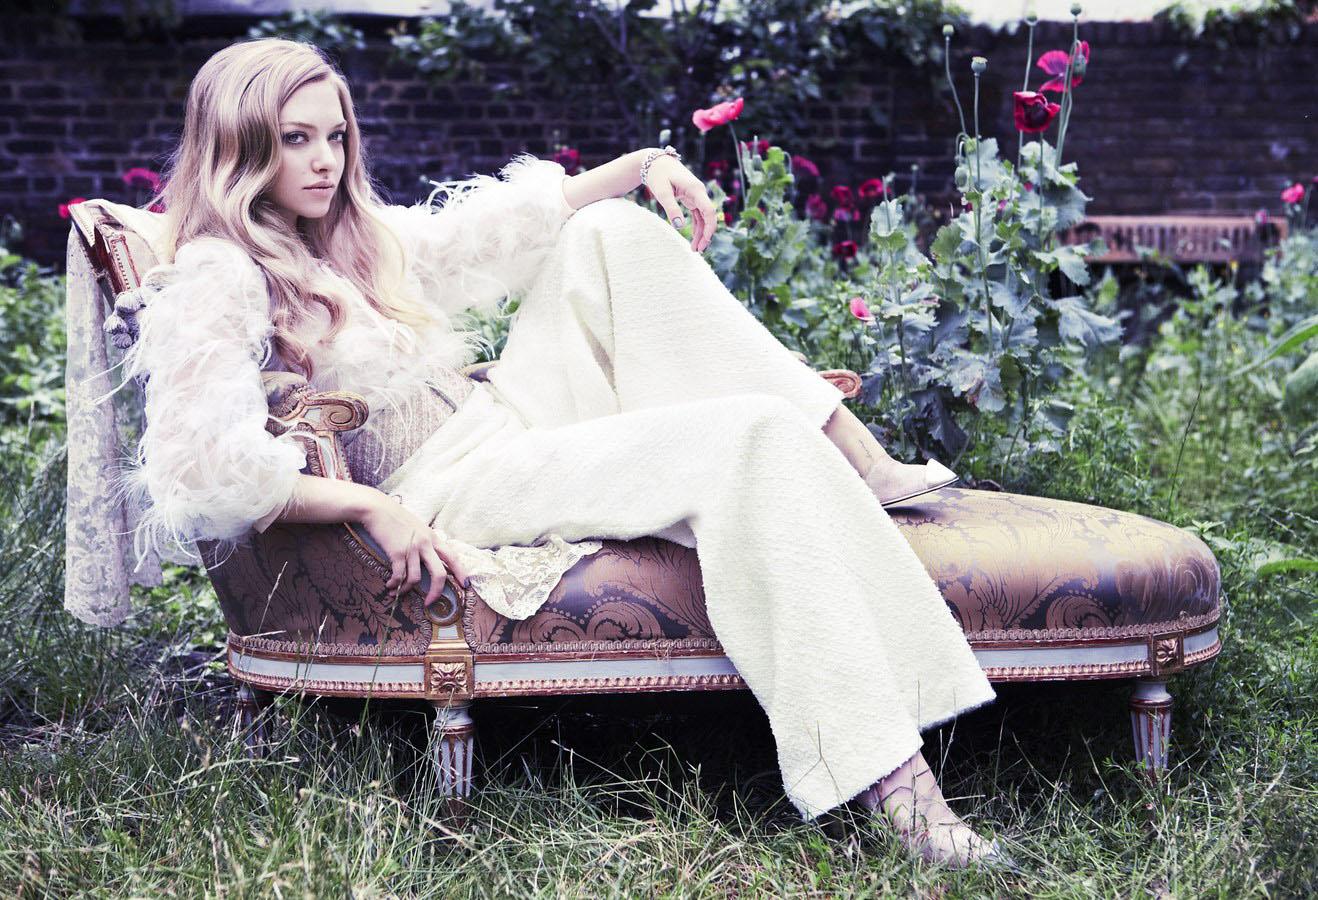 tatapan mata sinis artis Amanda Seyfried